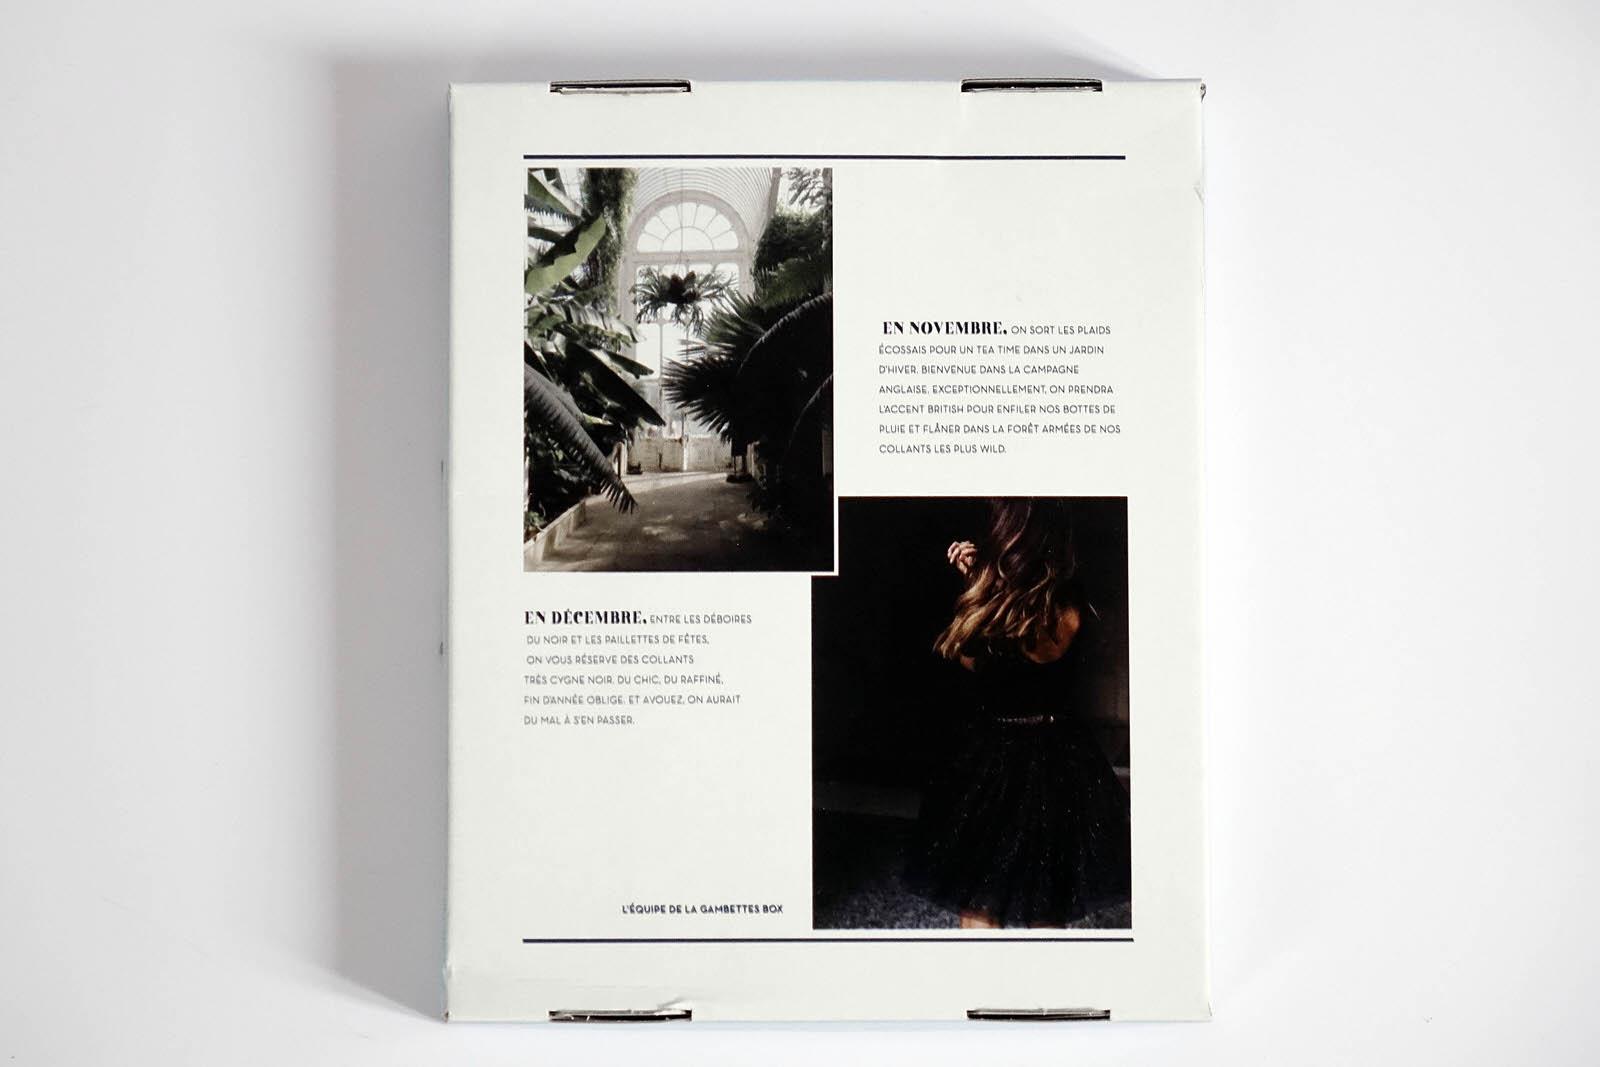 janis-en-sucre-gambettes-box-octobre-2016-05